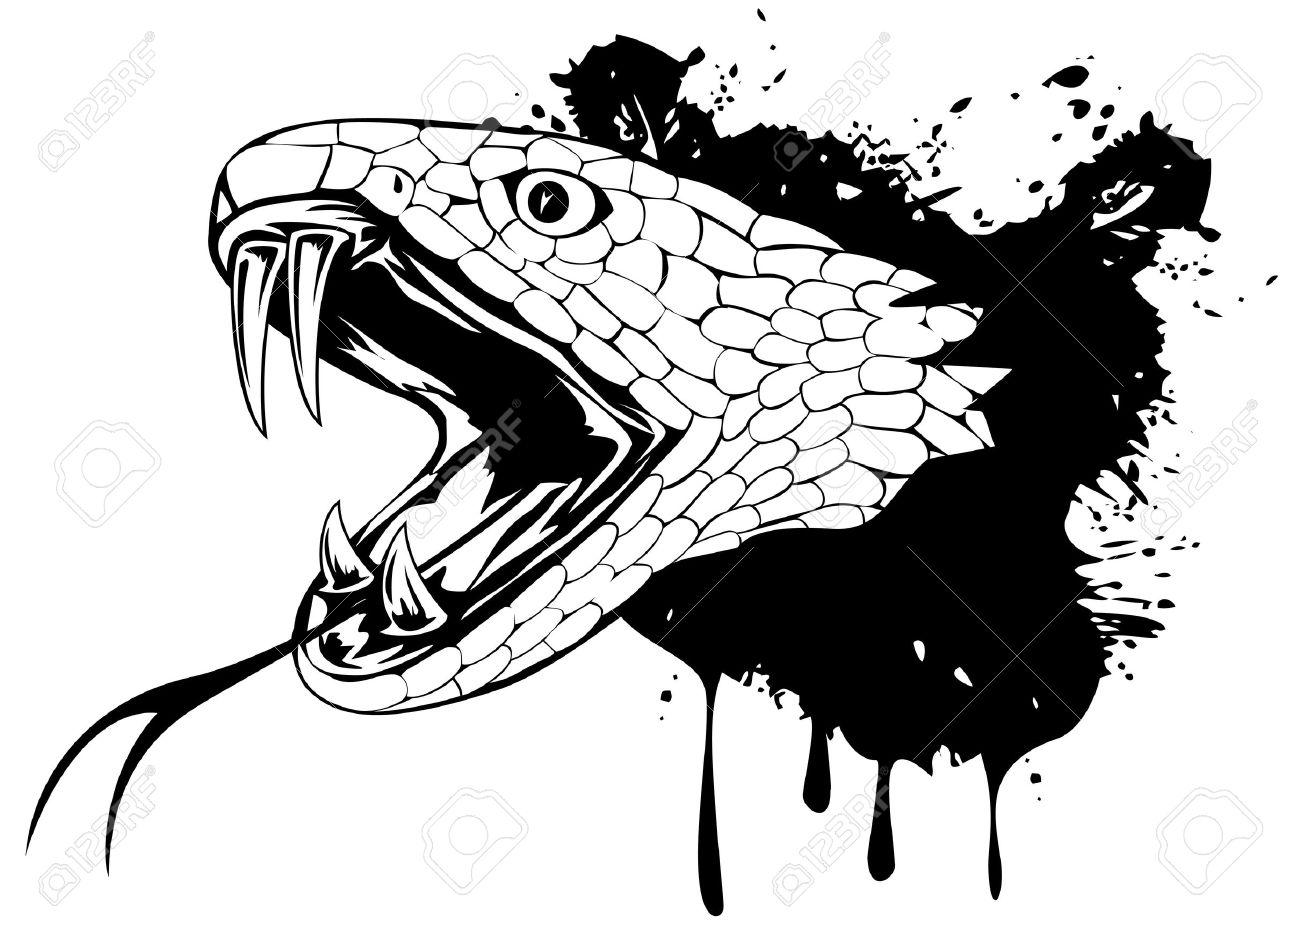 図のヘビの頭